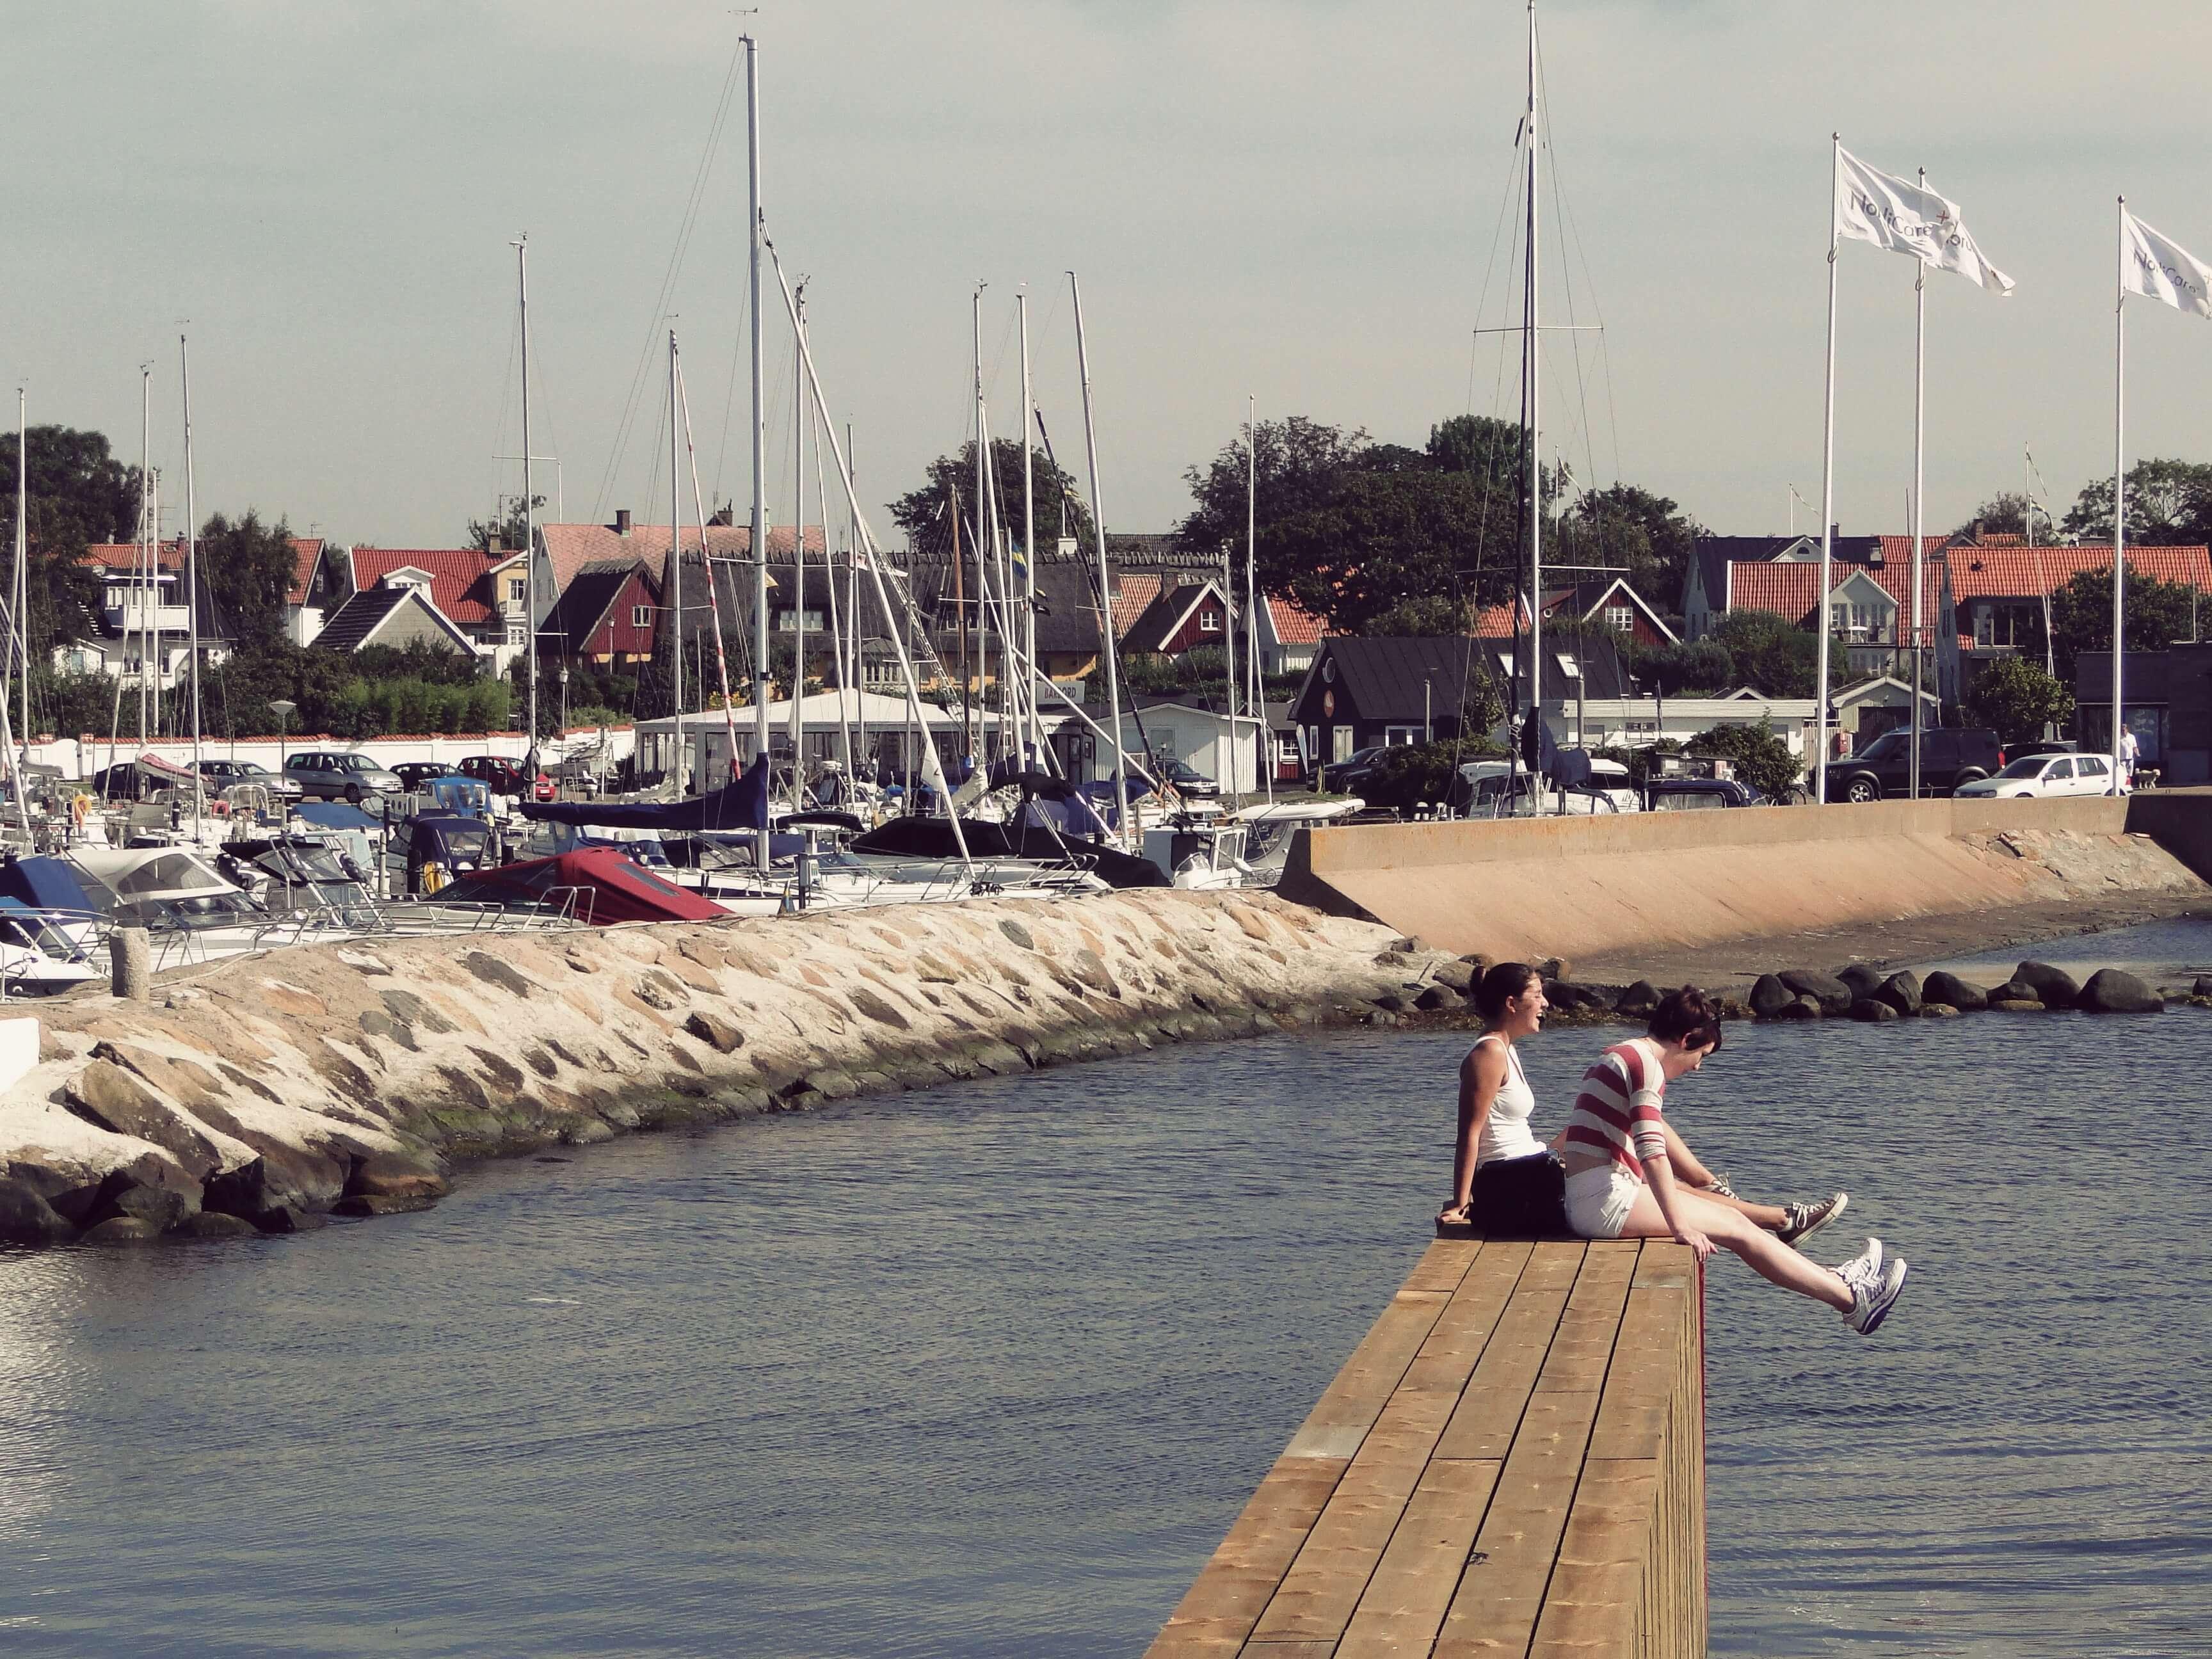 IPC - Helsingør aka Elsinore habour - International People's College - a Folk High School in Denmark